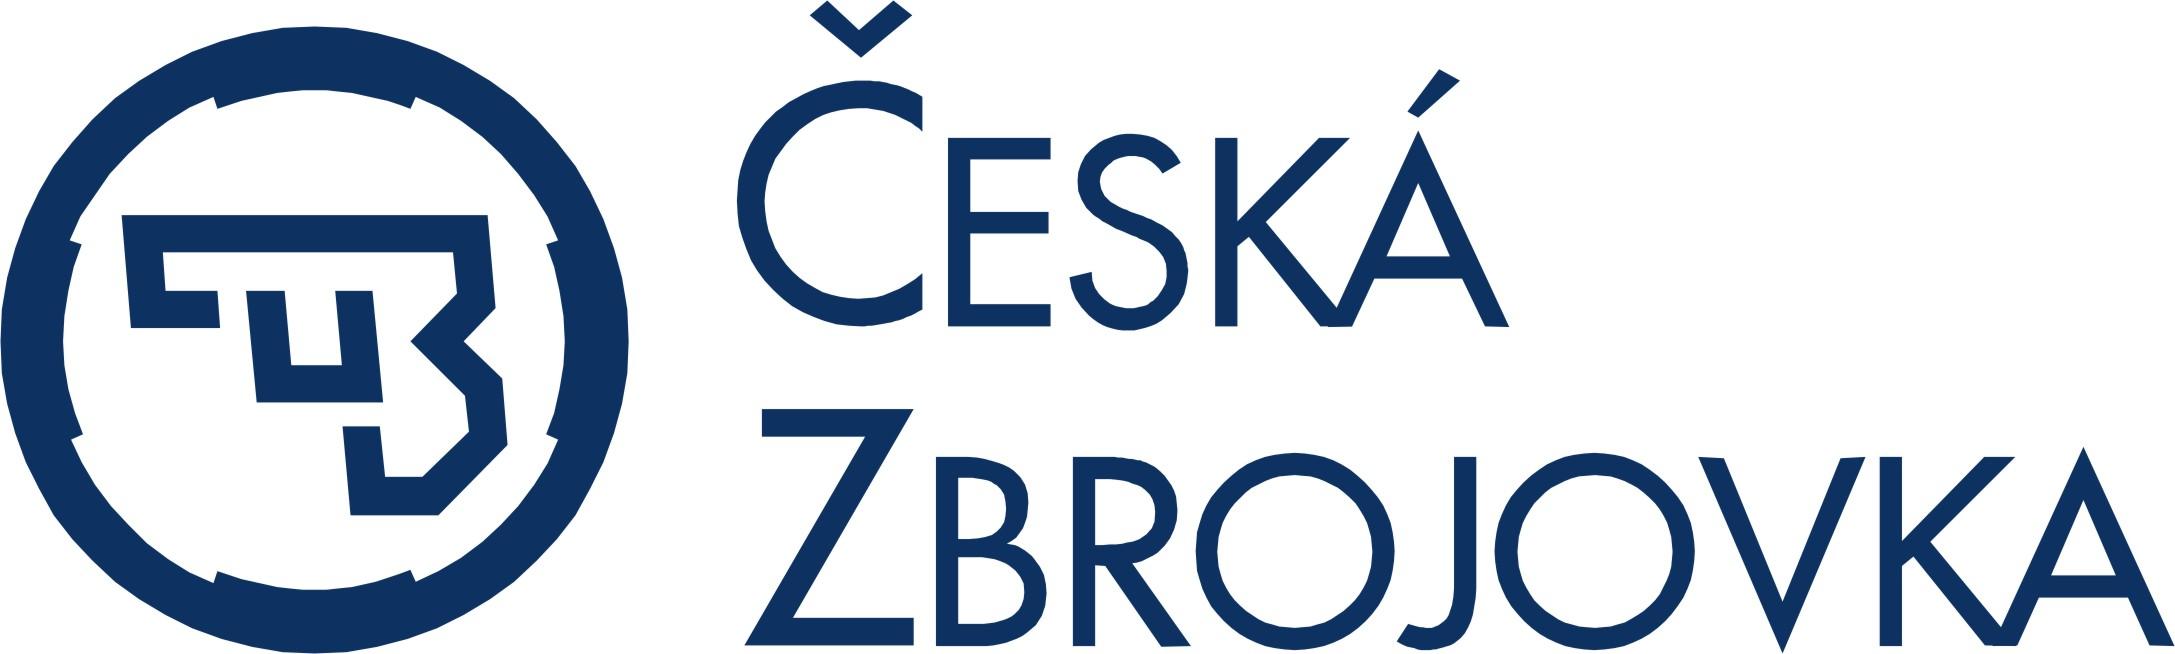 Pušky / Kulovnice - Česká Zbrojovka